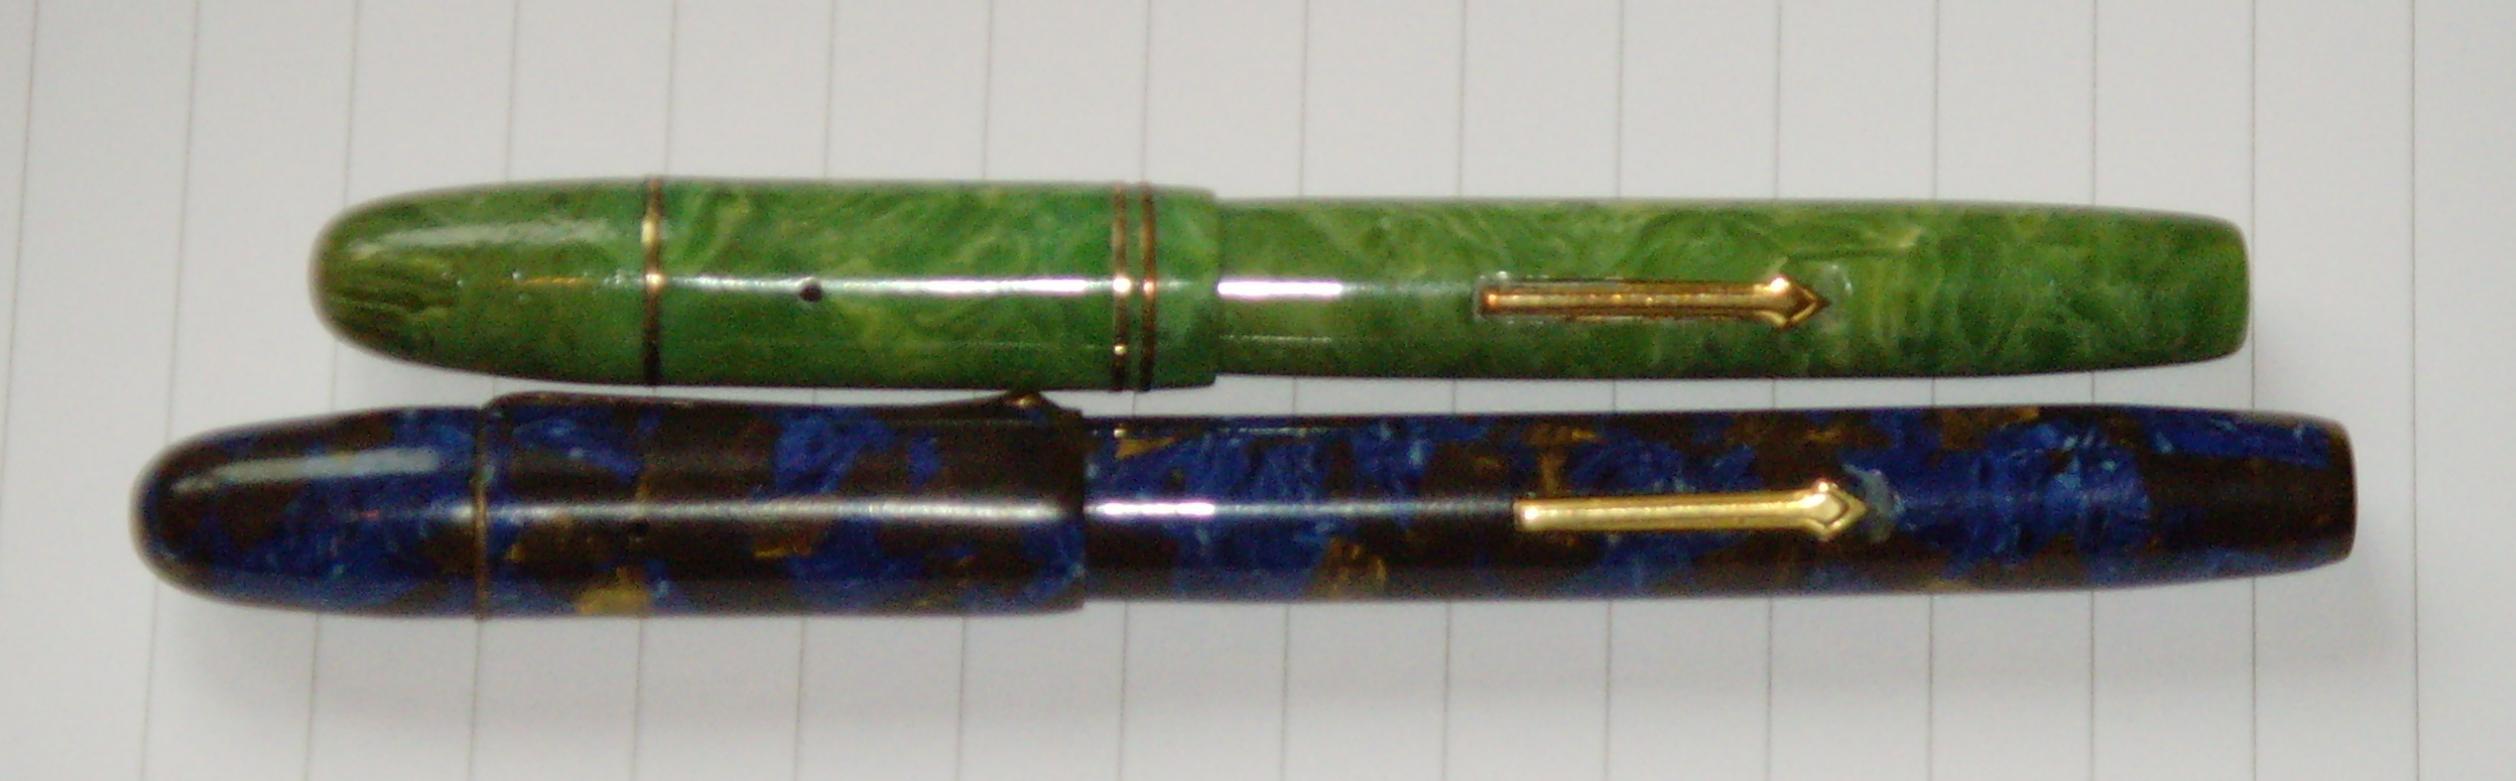 Pens_039.jpg